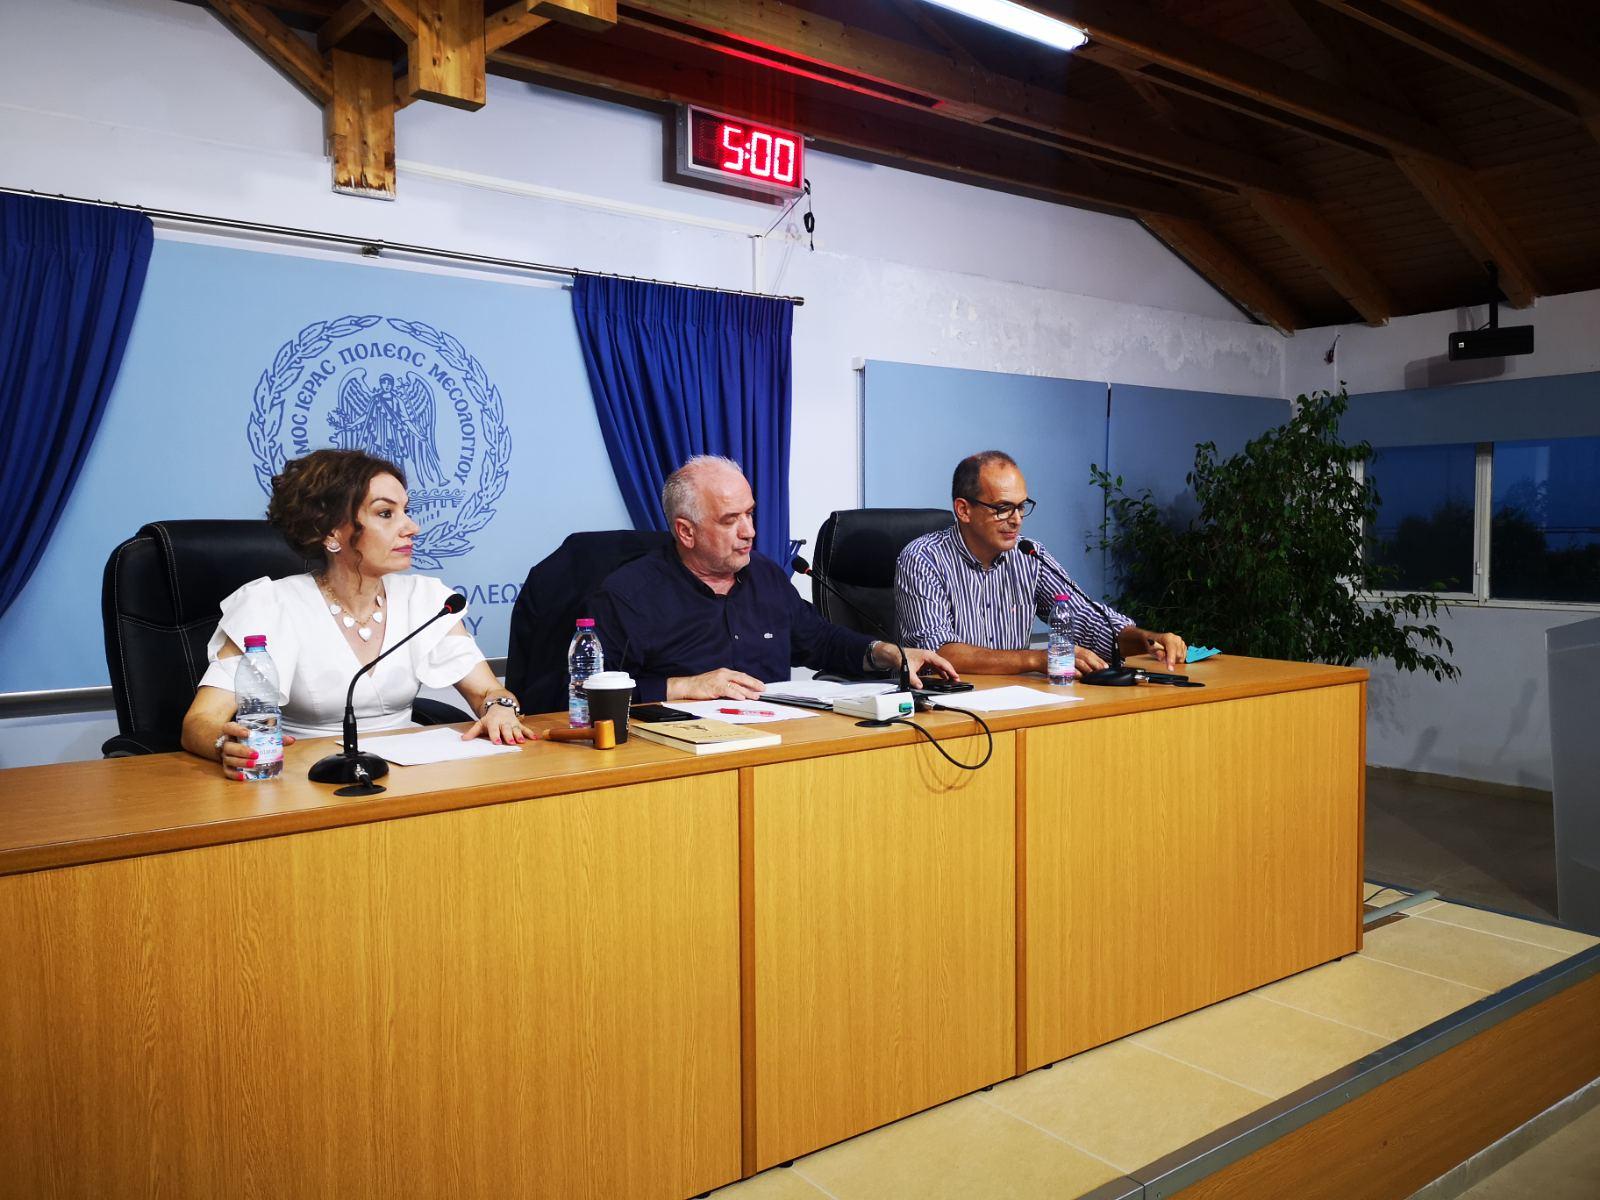 Δήμος Μεσολογγίου: Μεγάλη ανταπόκριση των πολιτιστικών συλλόγων στην πρόσκληση για το 2021